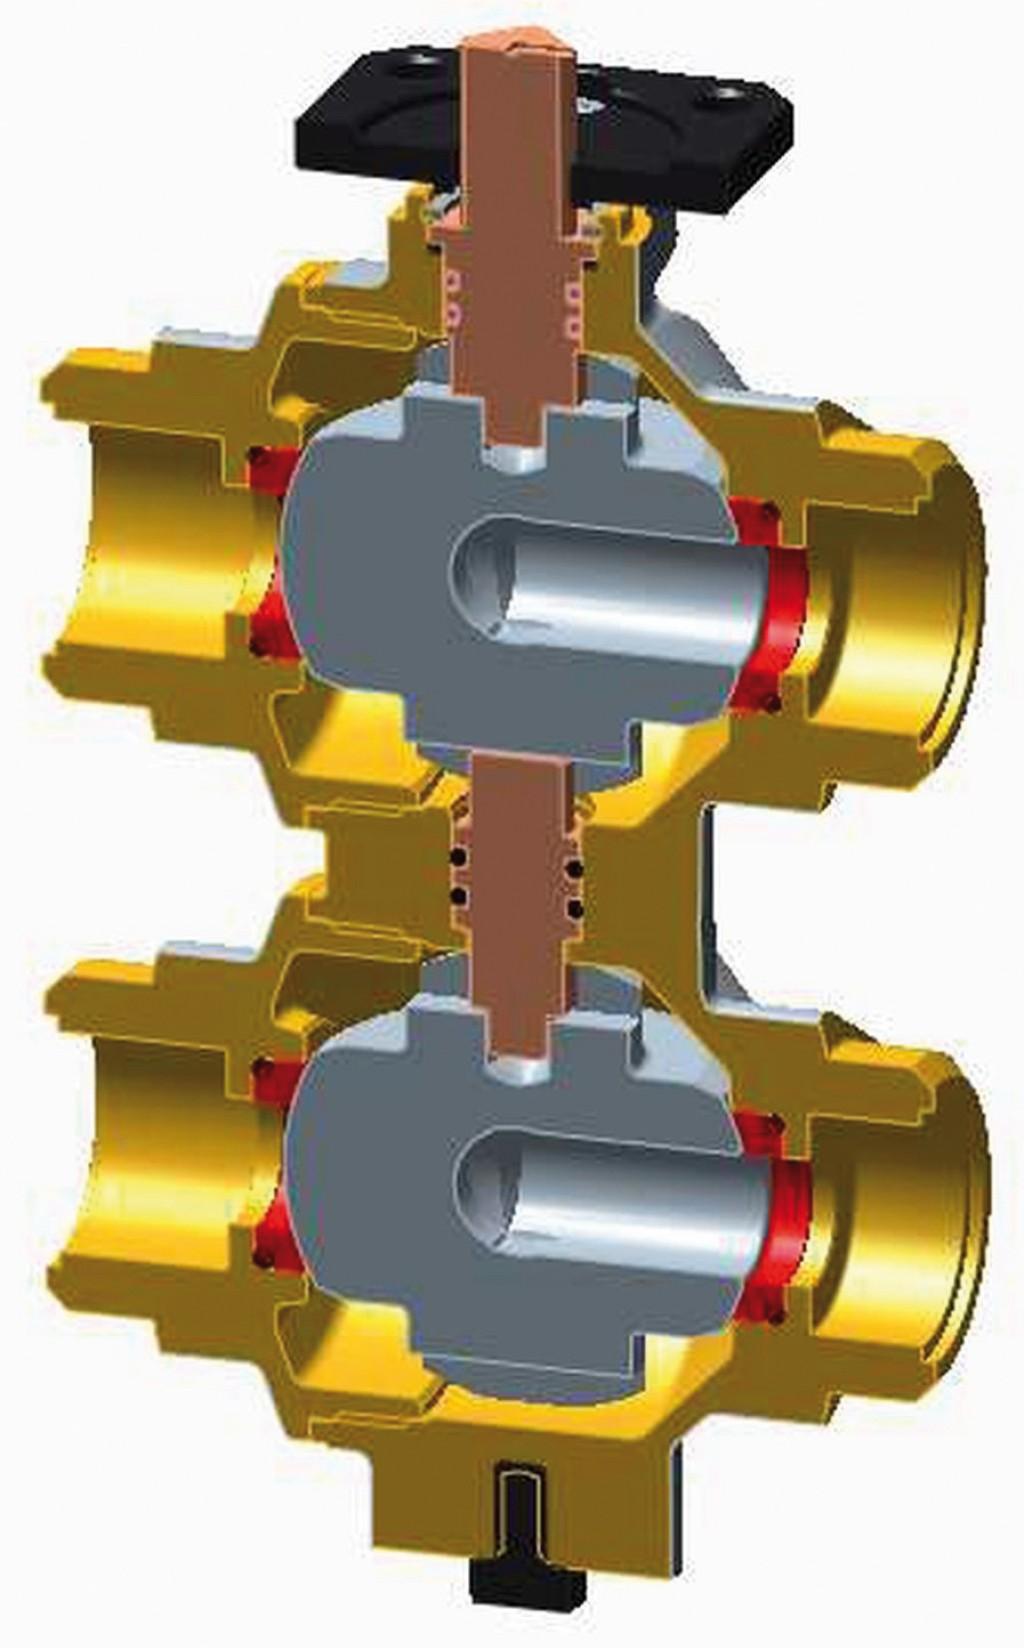 Das Ventil R274 besteht aus einer Spindel zum Öffnen und Schließen (braun), einem durch die Spindel betätigten Absperrelement (grau) mit reibungsarmen Dichtungen aus PTFE (rot) und einem Körper aus Pressmessing CW617N mit flachdichtender Überwurfanschlussverschraubung (gold). Am Ventil befindet sich auch eine Montageplatte für den Stellmotor (schwarz, oben). Mit Hilfe eines Innengewindes kann R274 zudem an Bau-/Trägerelementen fixiert werden (schwarz, unten). Bild: Giacomini GmbH